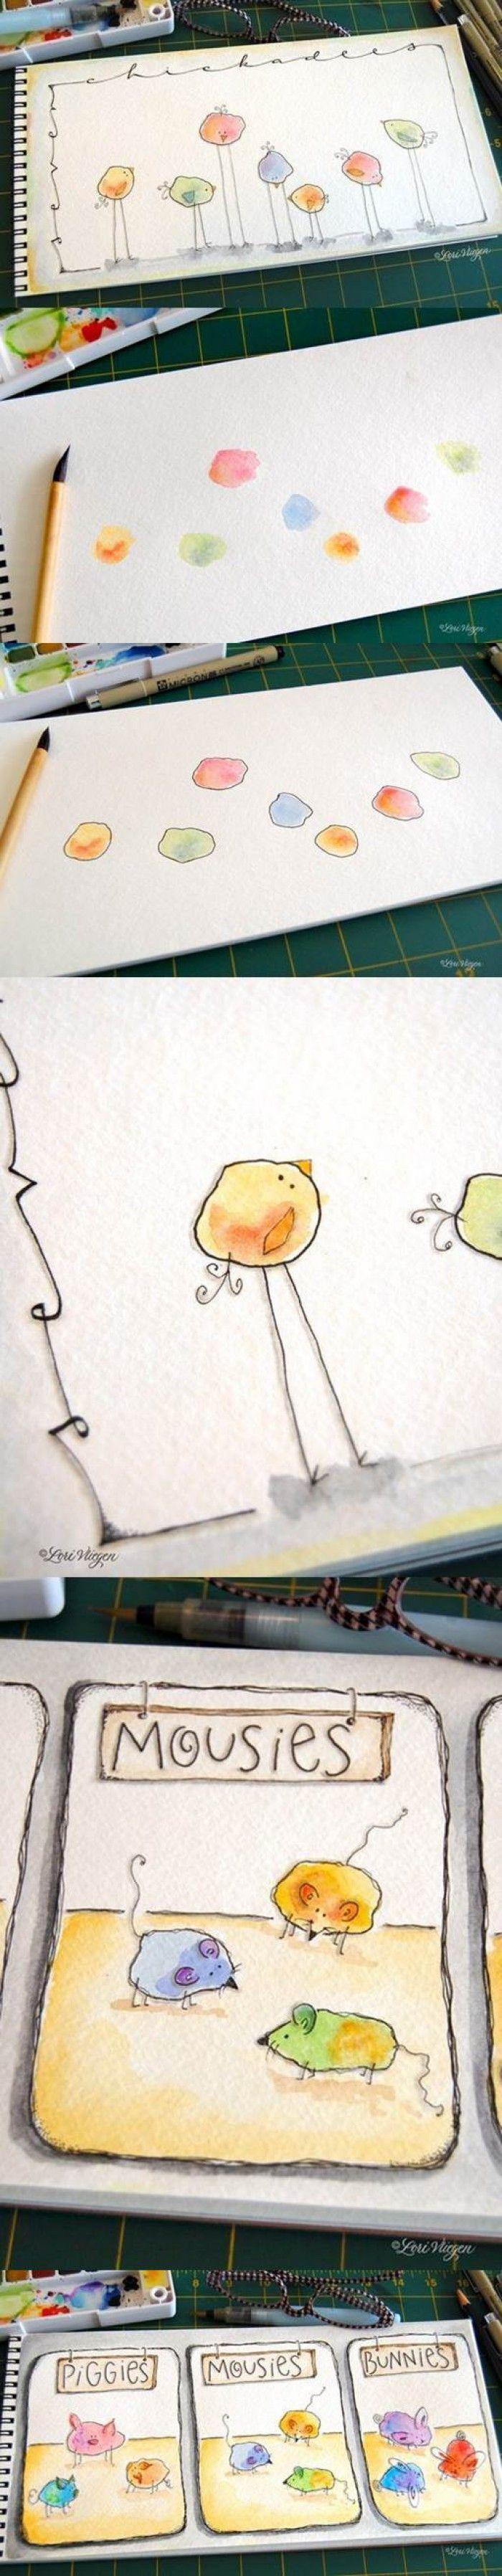 Creatief denken maakt kunst! (Neat idea for water colors!)